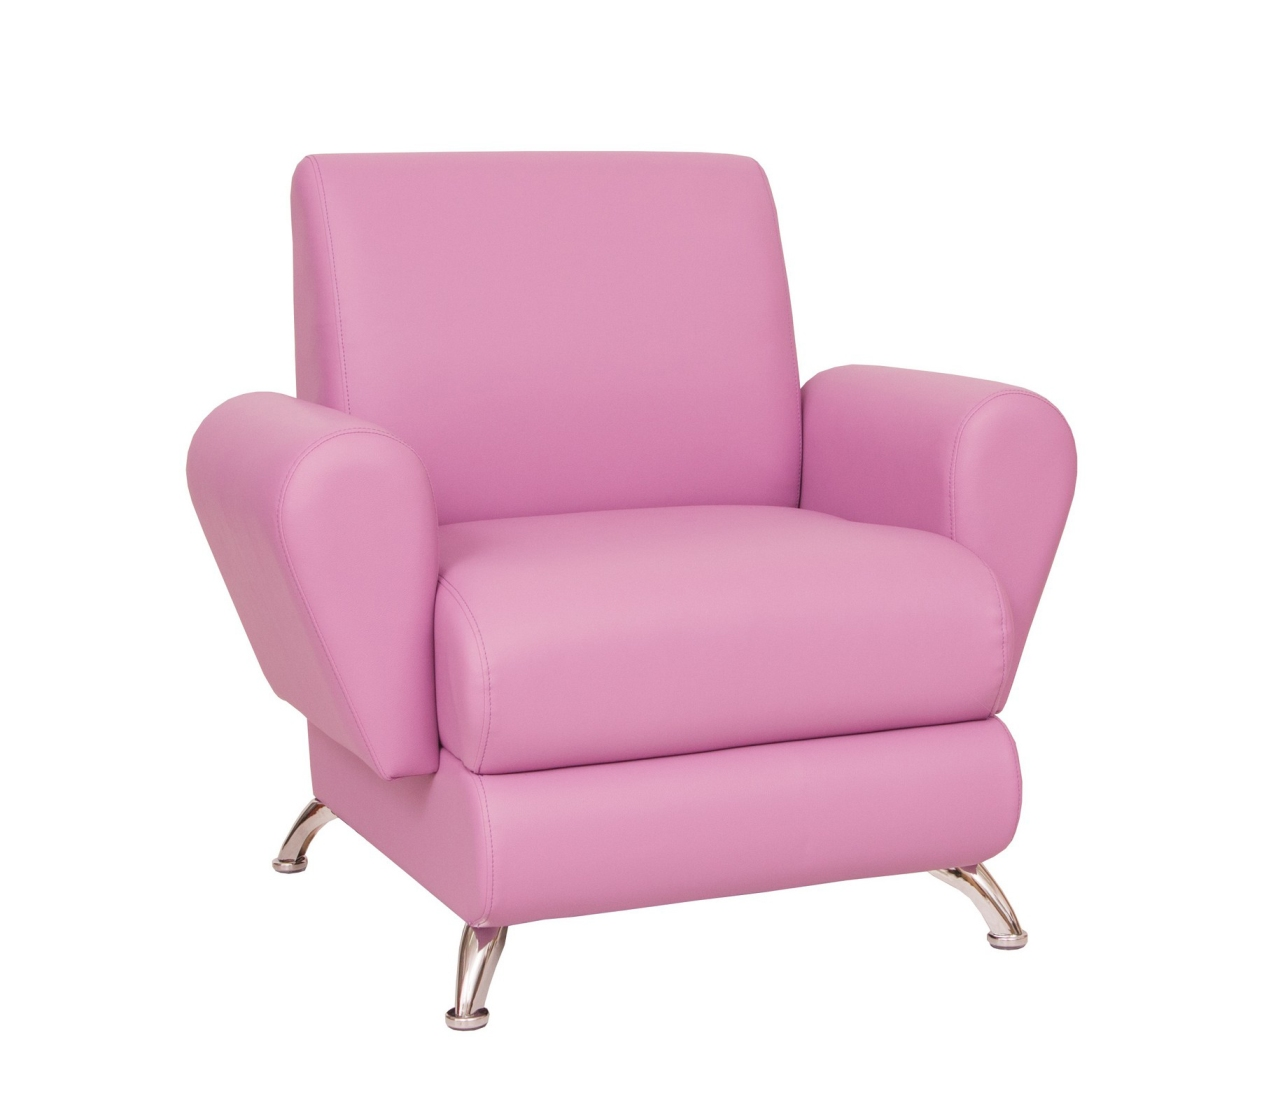 Офисное кресло Блюз 10.02 фото